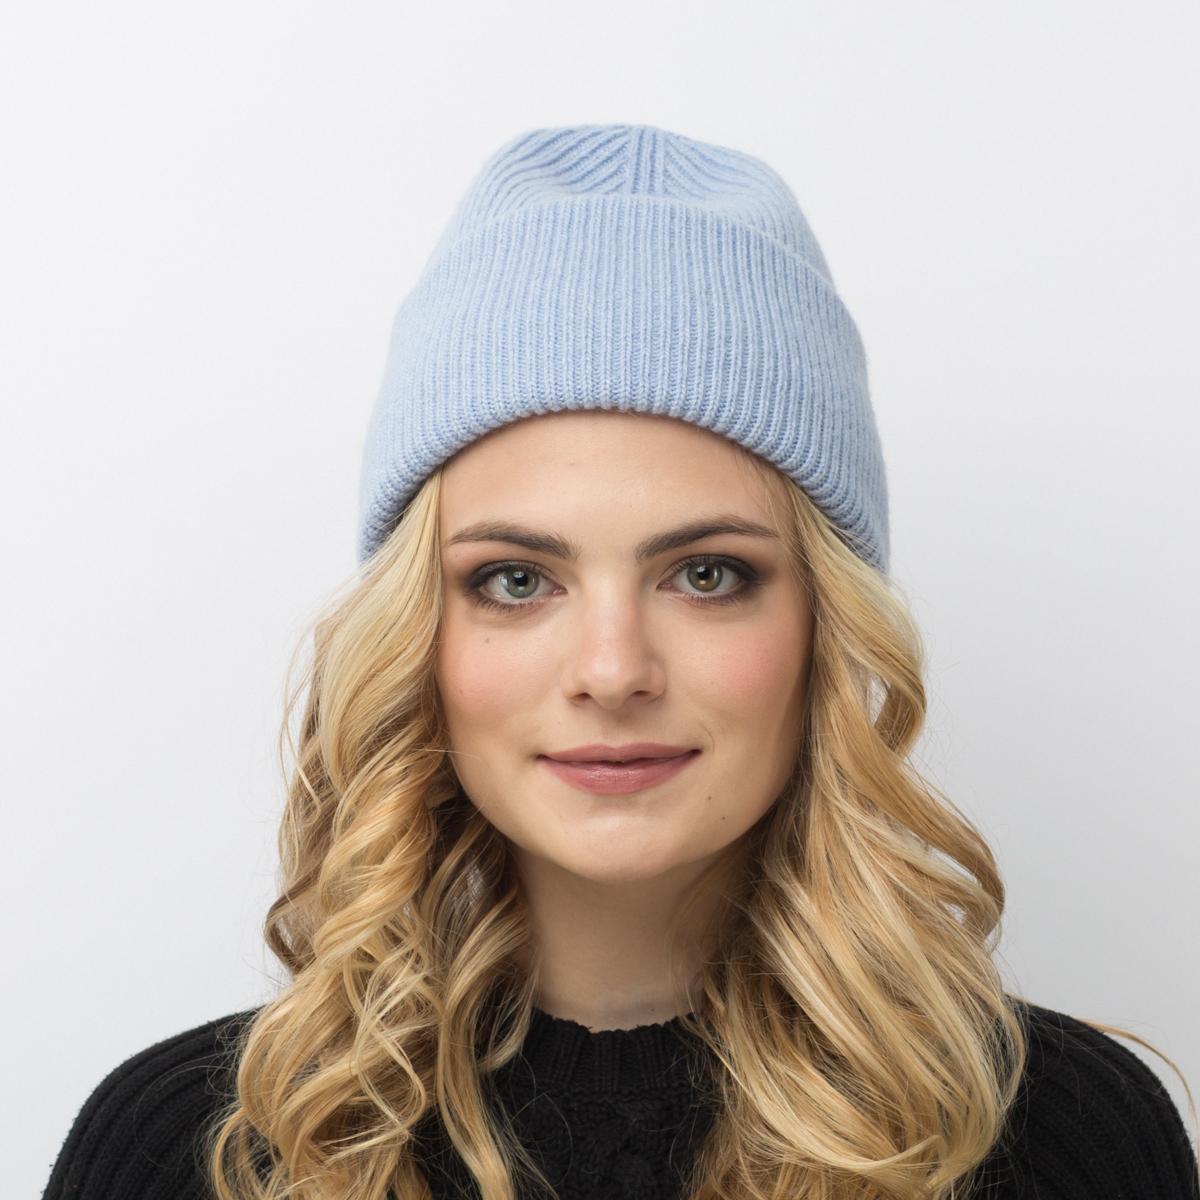 Шапка женская Flioraj, цвет: голубой. 08FJ. Размер 56/5808FJДвойная шерстяная шапка-колпачок от Flioraj, выполненная из овечьей шерсти, альпаки и кашемира, поднимет настроение и отлично согреет в холодную погоду. Состав пряжи делает изделие мягким, теплым и комфортным. Такую шапочку можно носить с любым видом верхней одежды, достаточно только определиться с цветом.